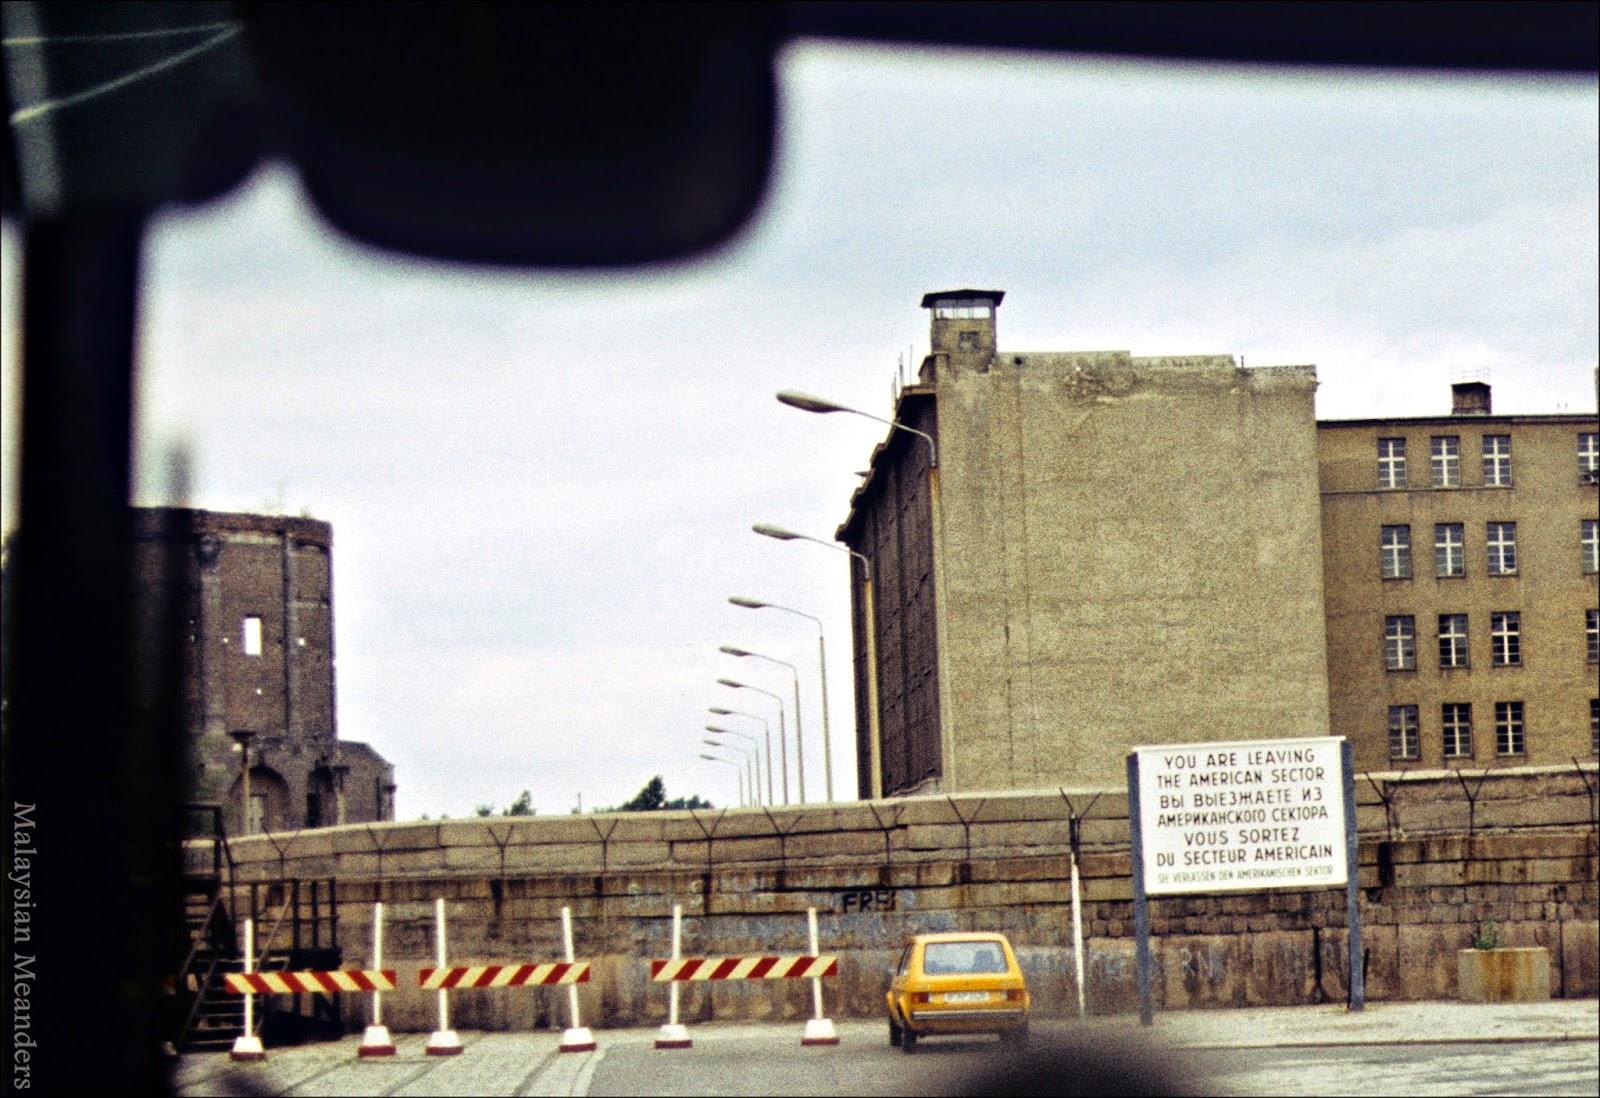 West Berlin, Berlin Wall